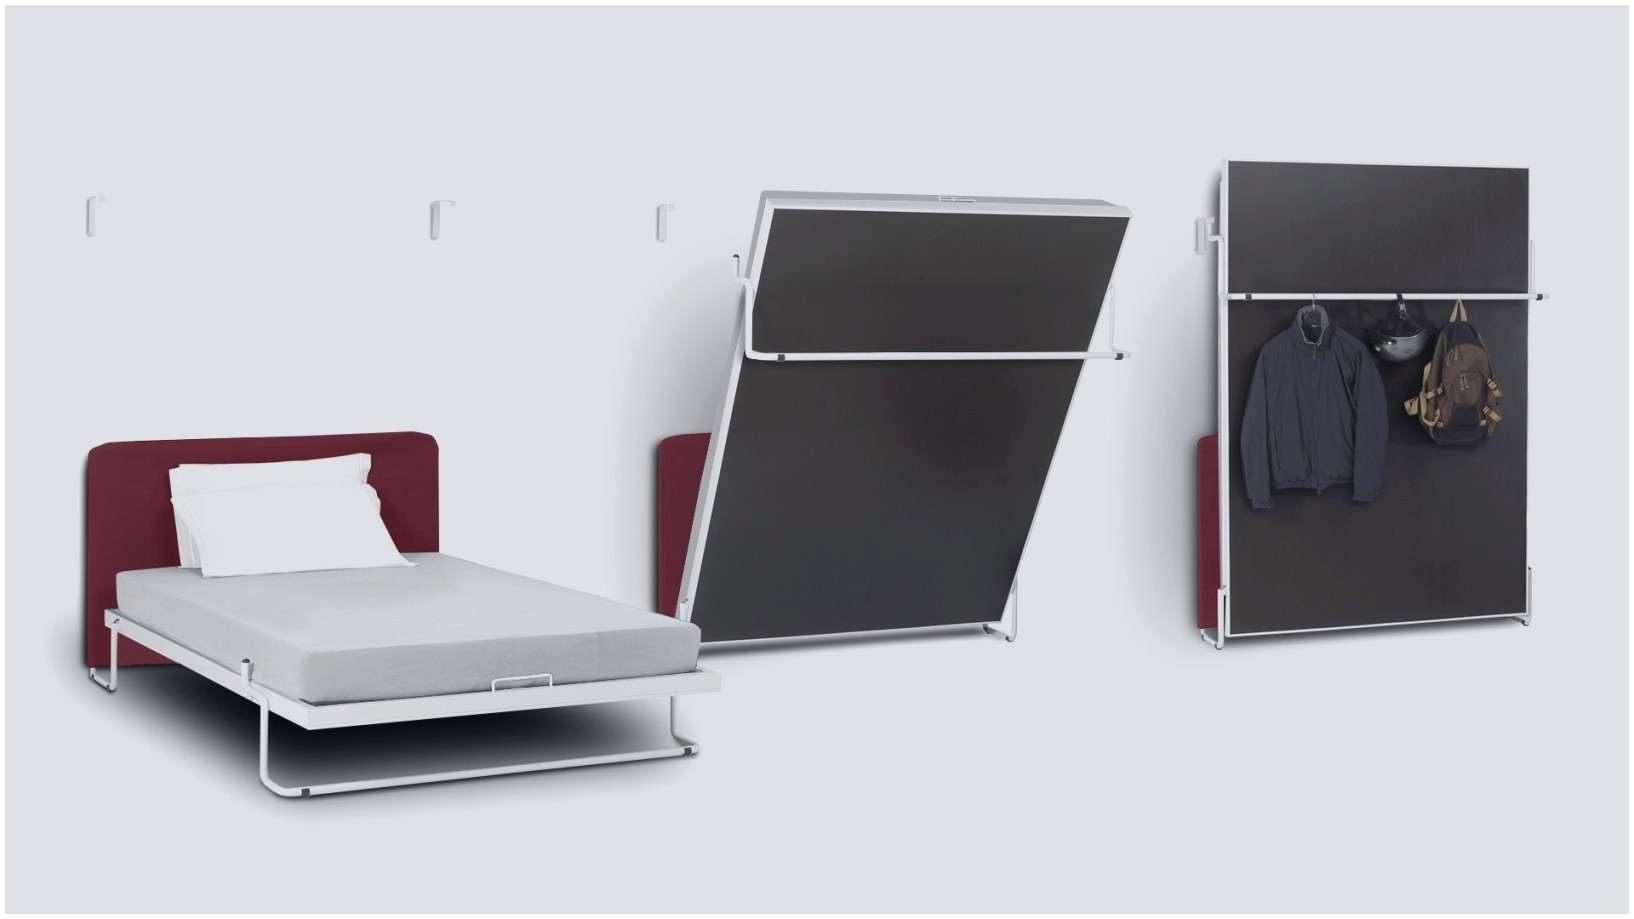 Ikea Tiroir Lit Douce Beau 17 Génial Lit Double Mezzanine Ikea Adana Estepona Pour